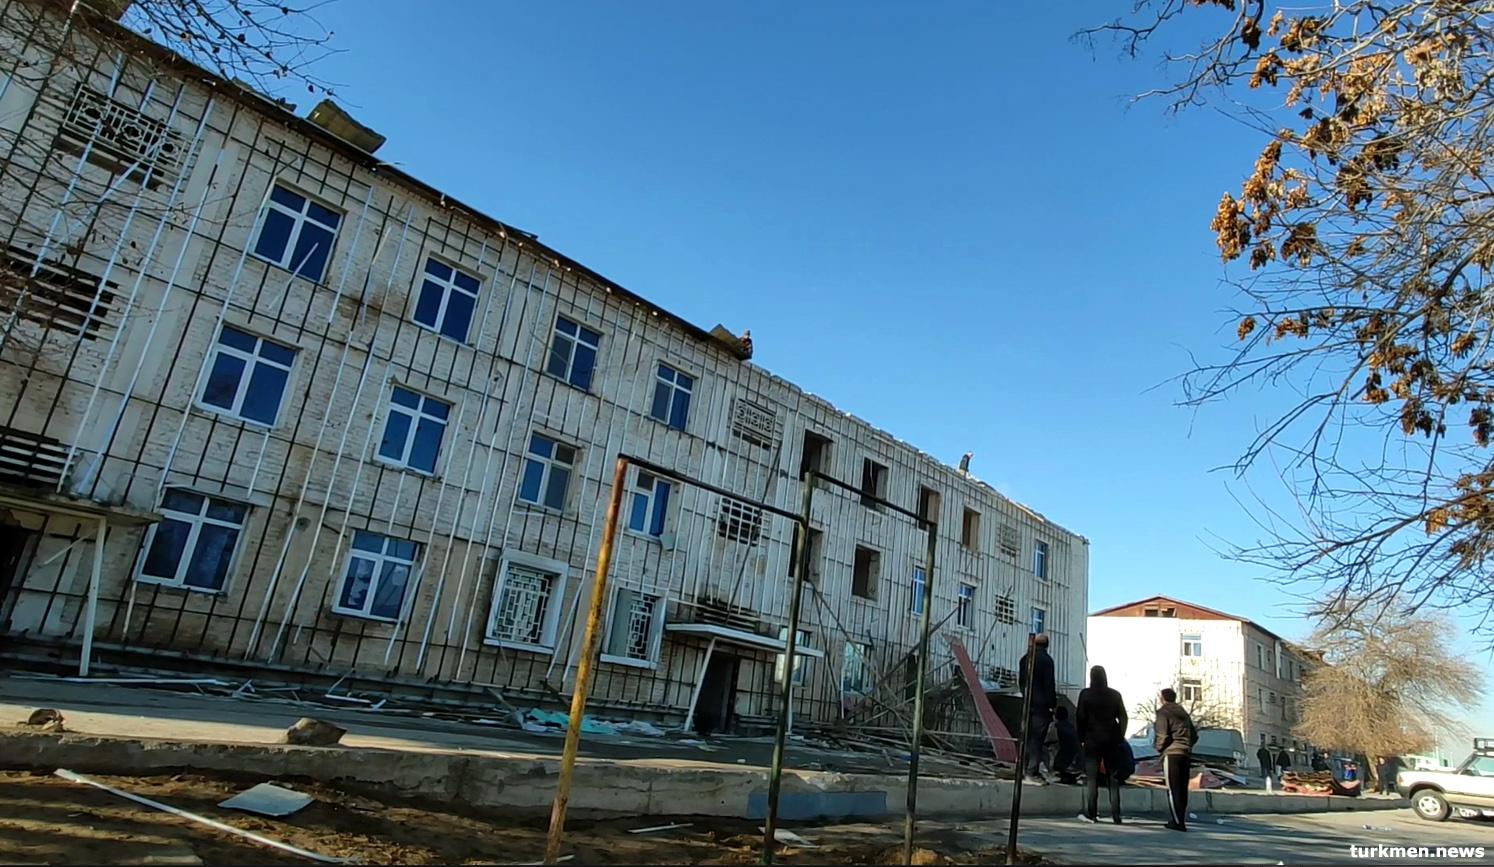 В Ашхабаде реконструируют район Текинского базара. Ожидается снос жилых домов